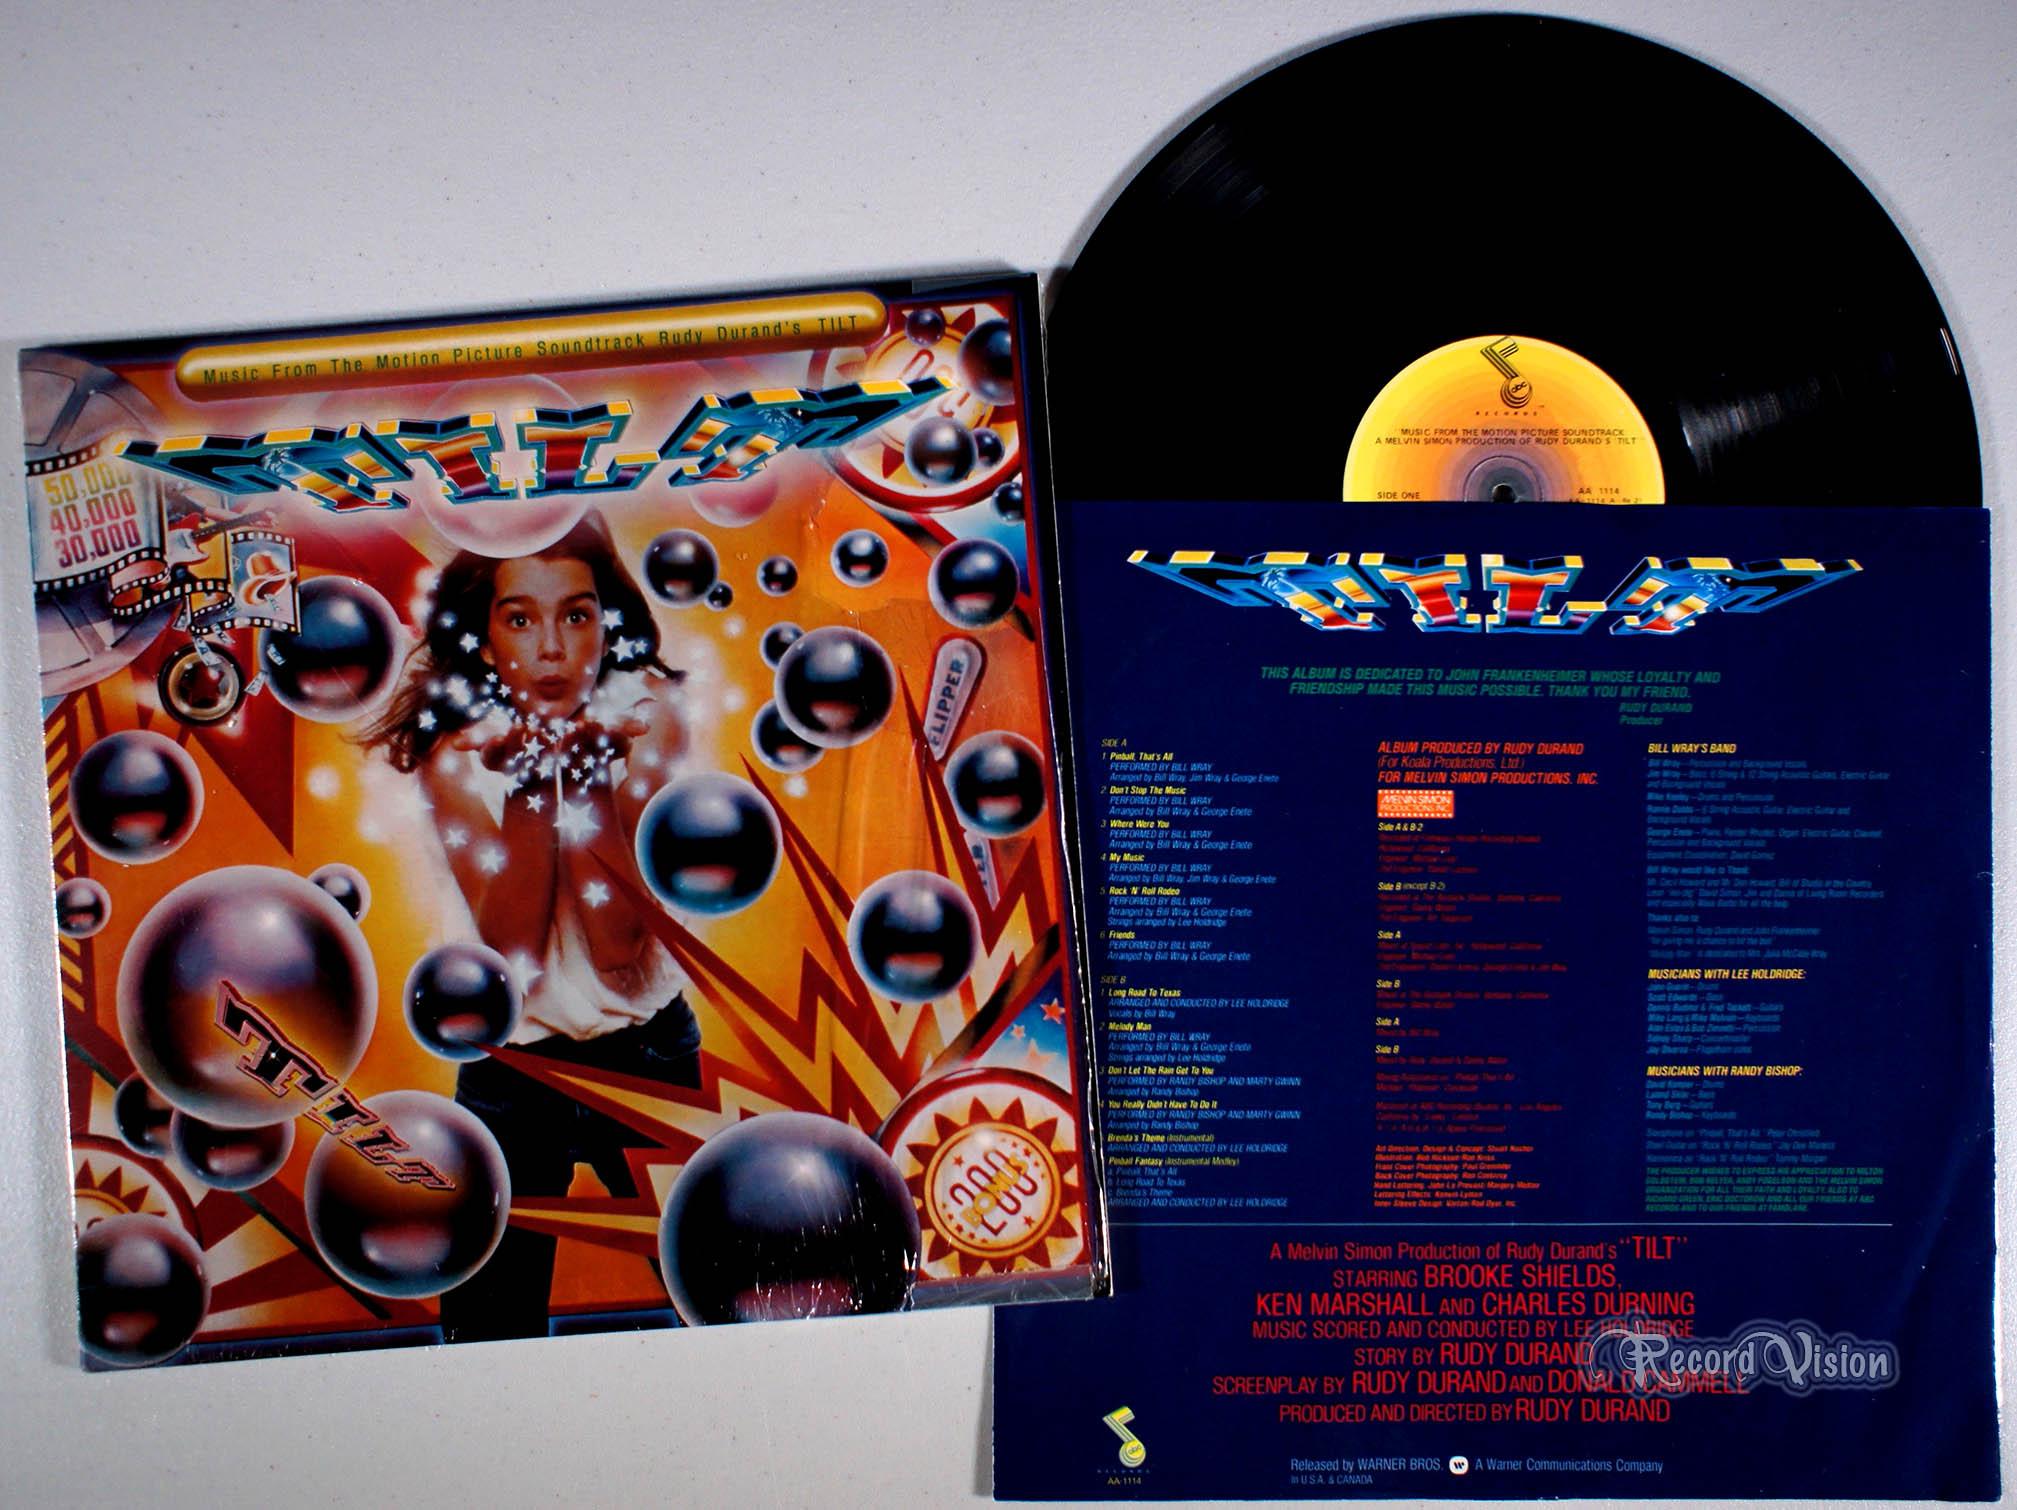 ASSORTED (SOUNDTRACK) - Tilt - LP